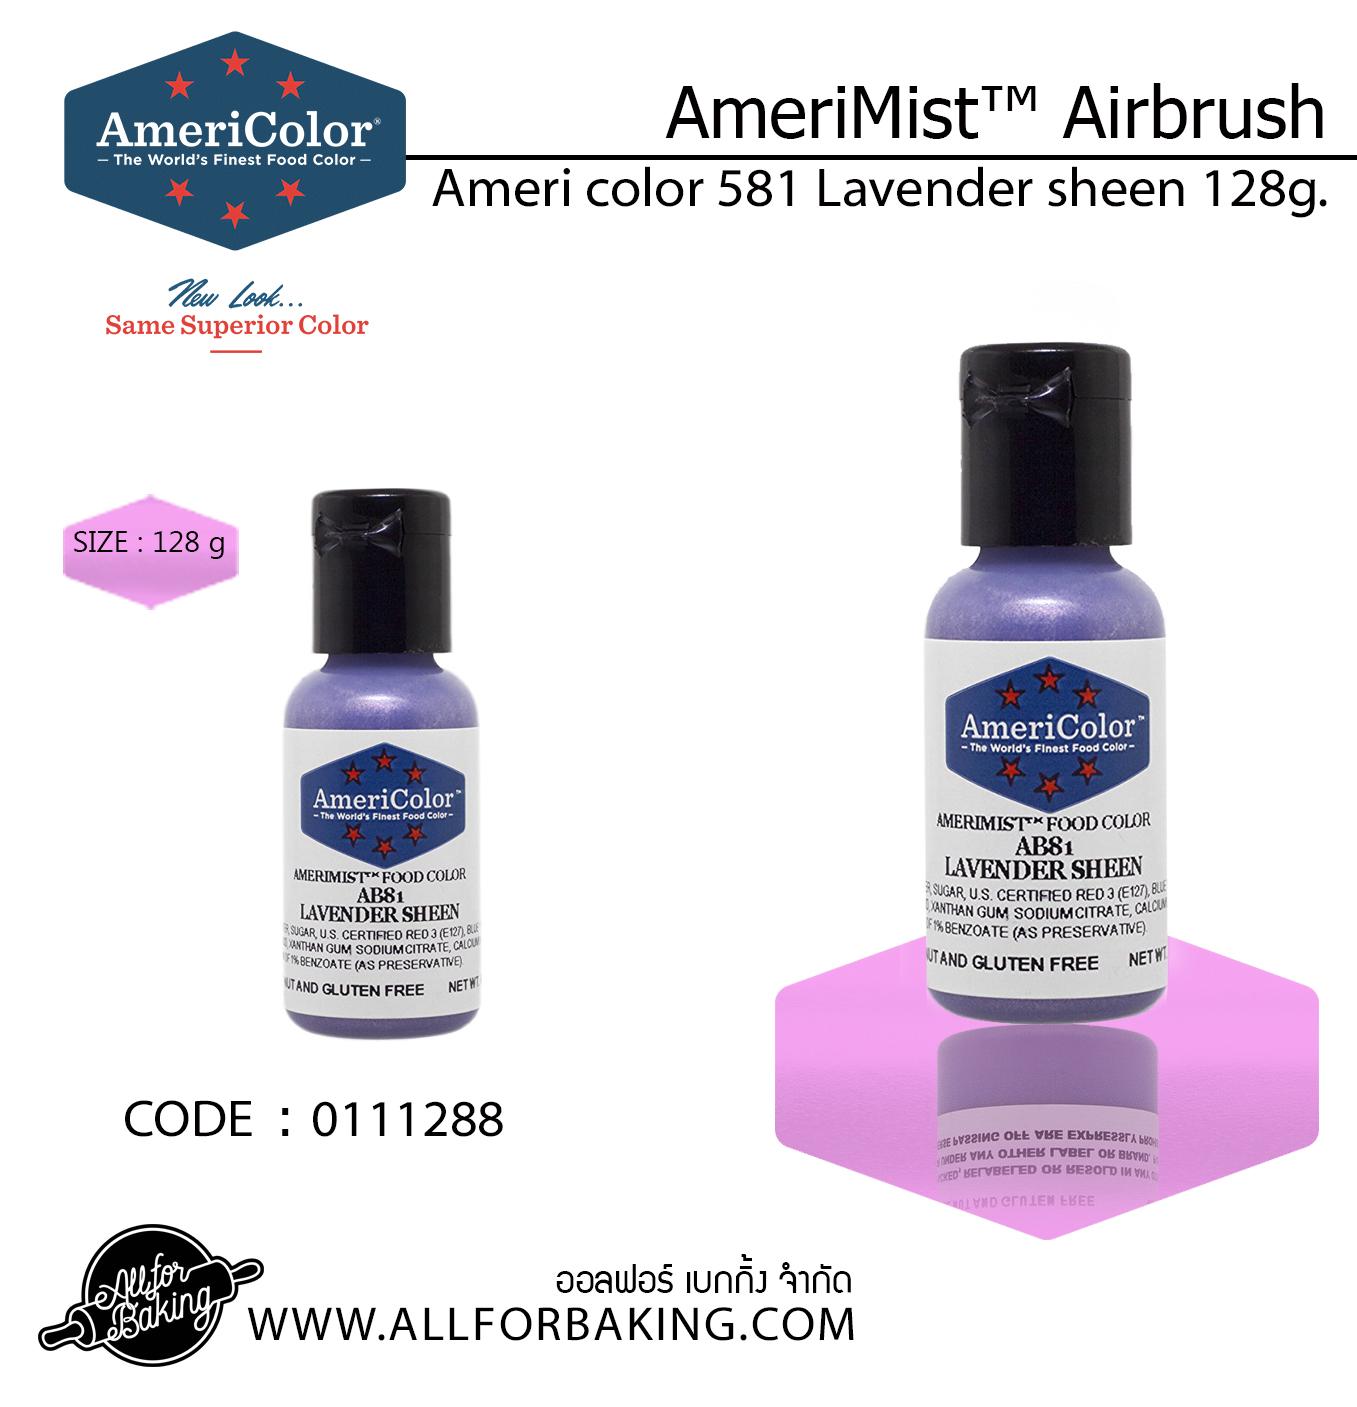 Ameri color 581 Lavender sheen 128g. (128 g)